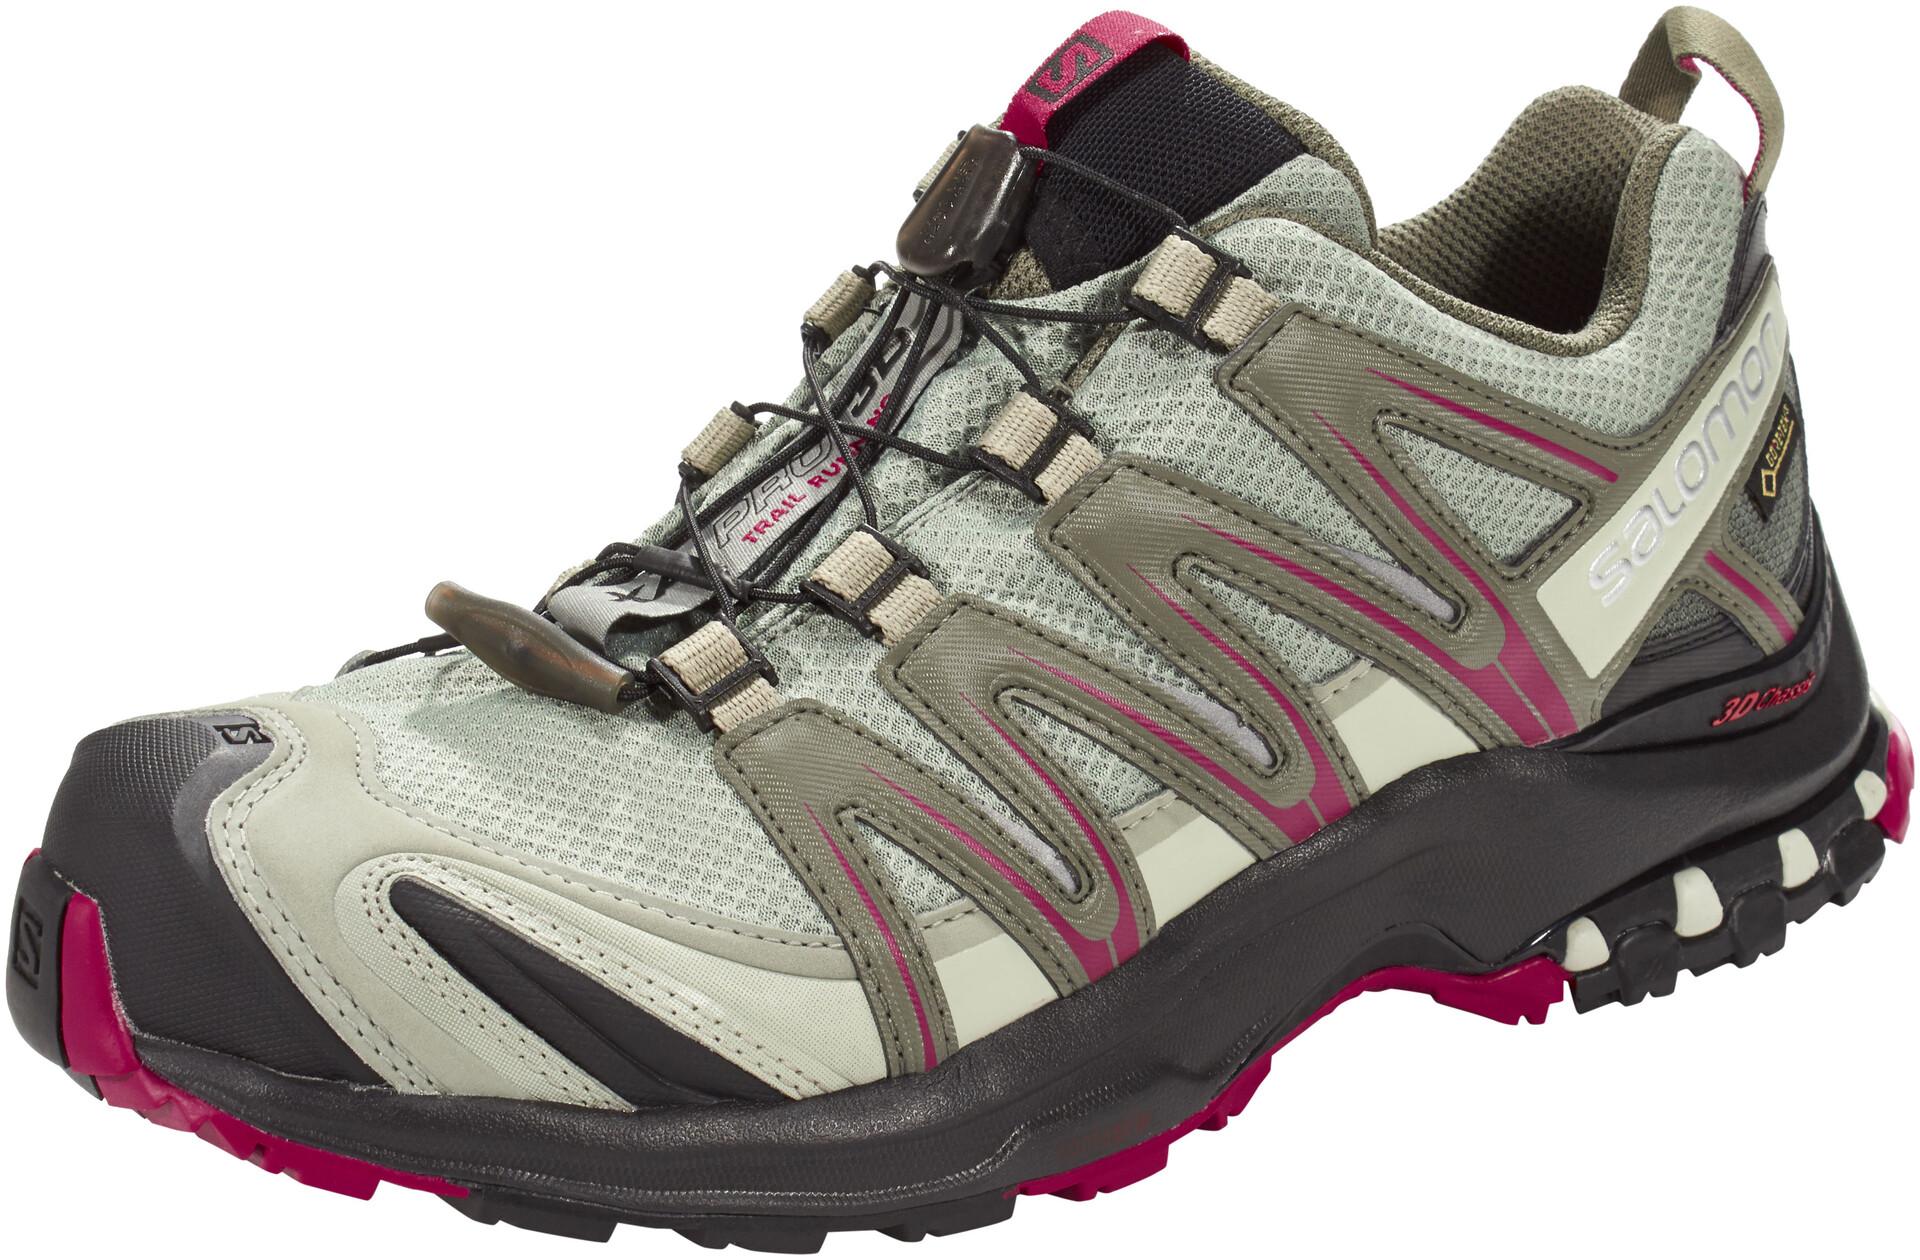 SALOMON XA 3D Ultra 2 Schuhe Wanderschuhe Trekkingschuhe